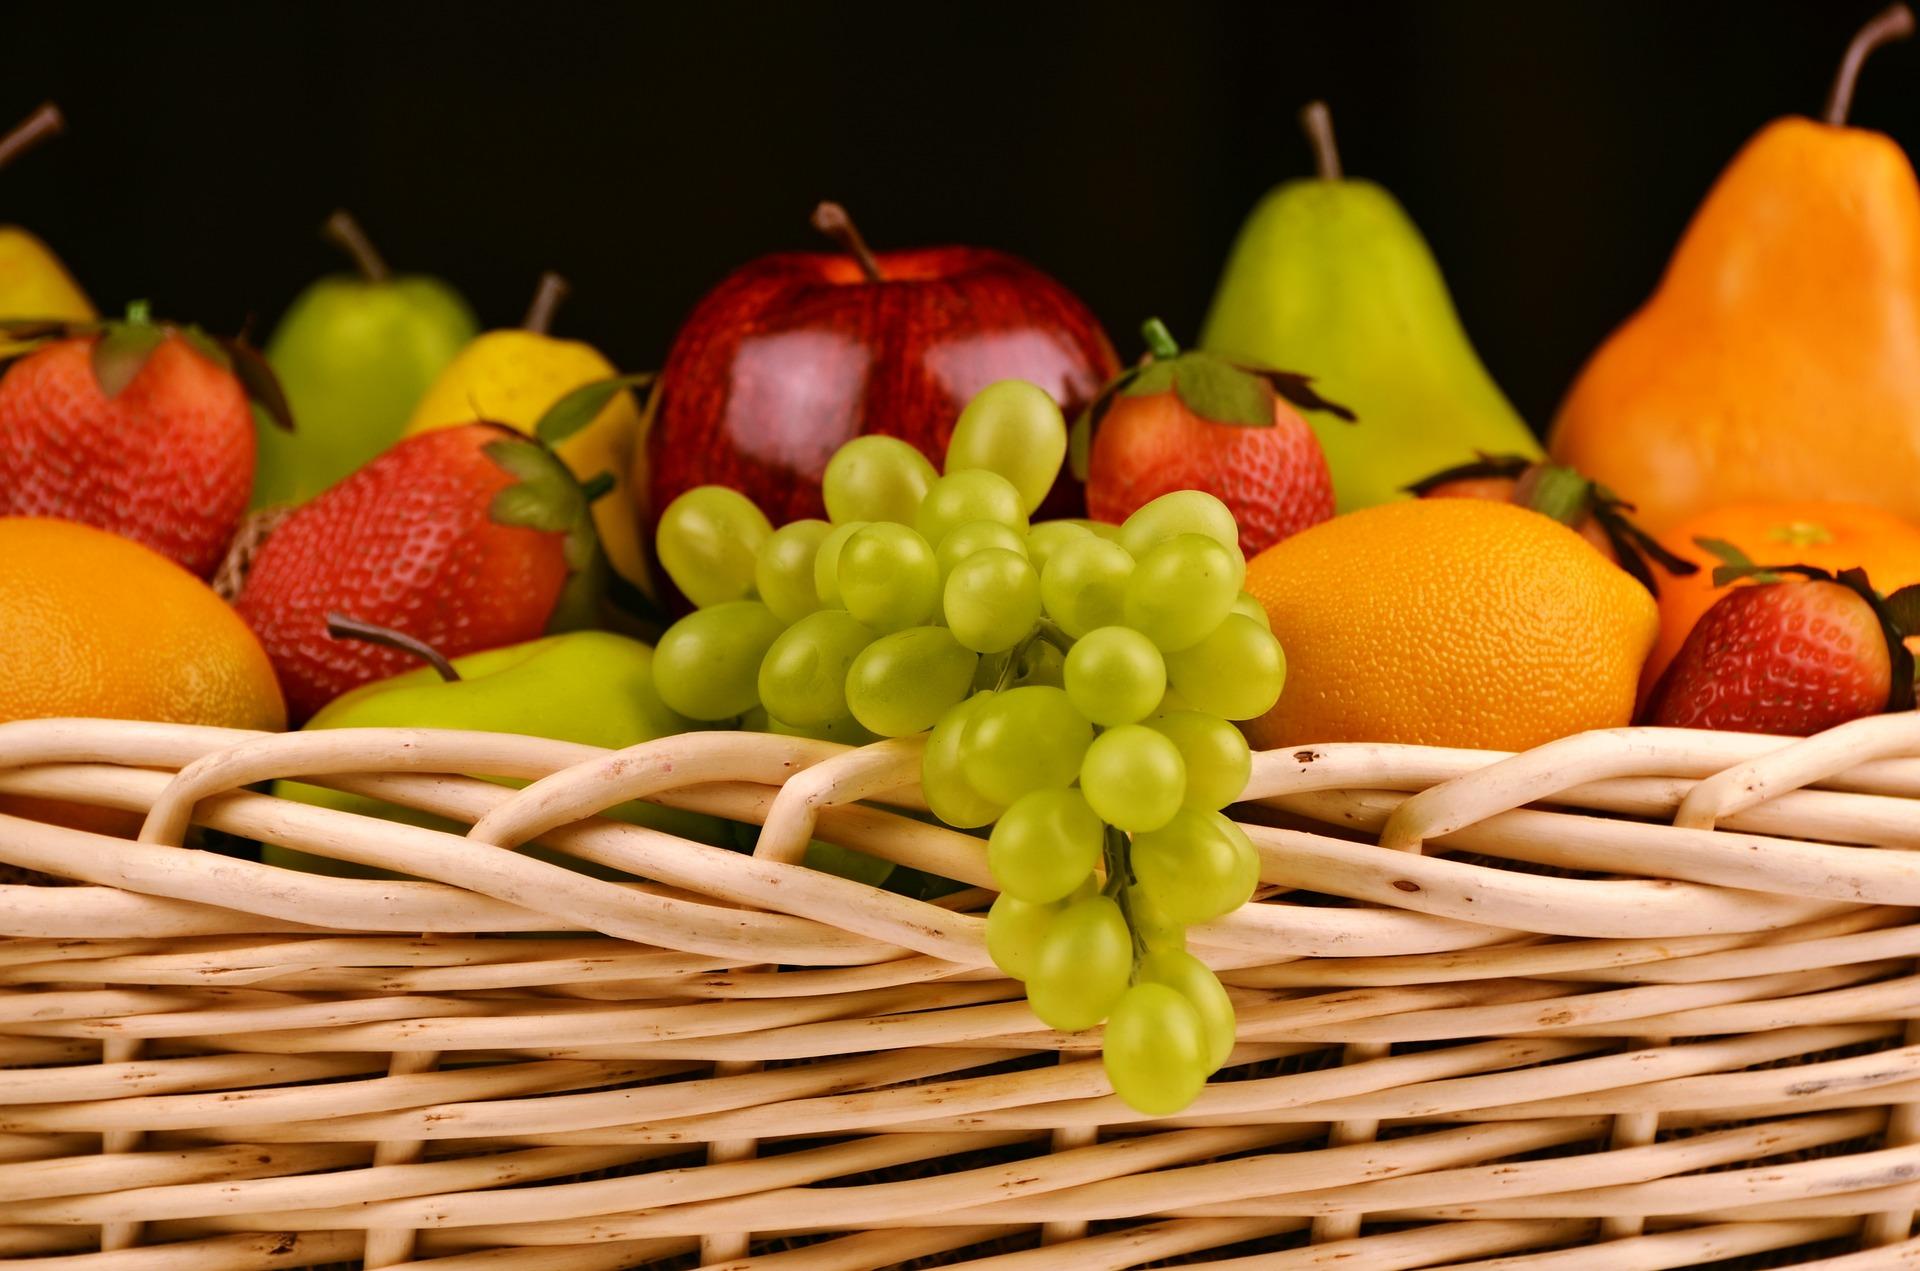 Arroyo apuesta por la Dieta Mediterránea y los productos de cercanía